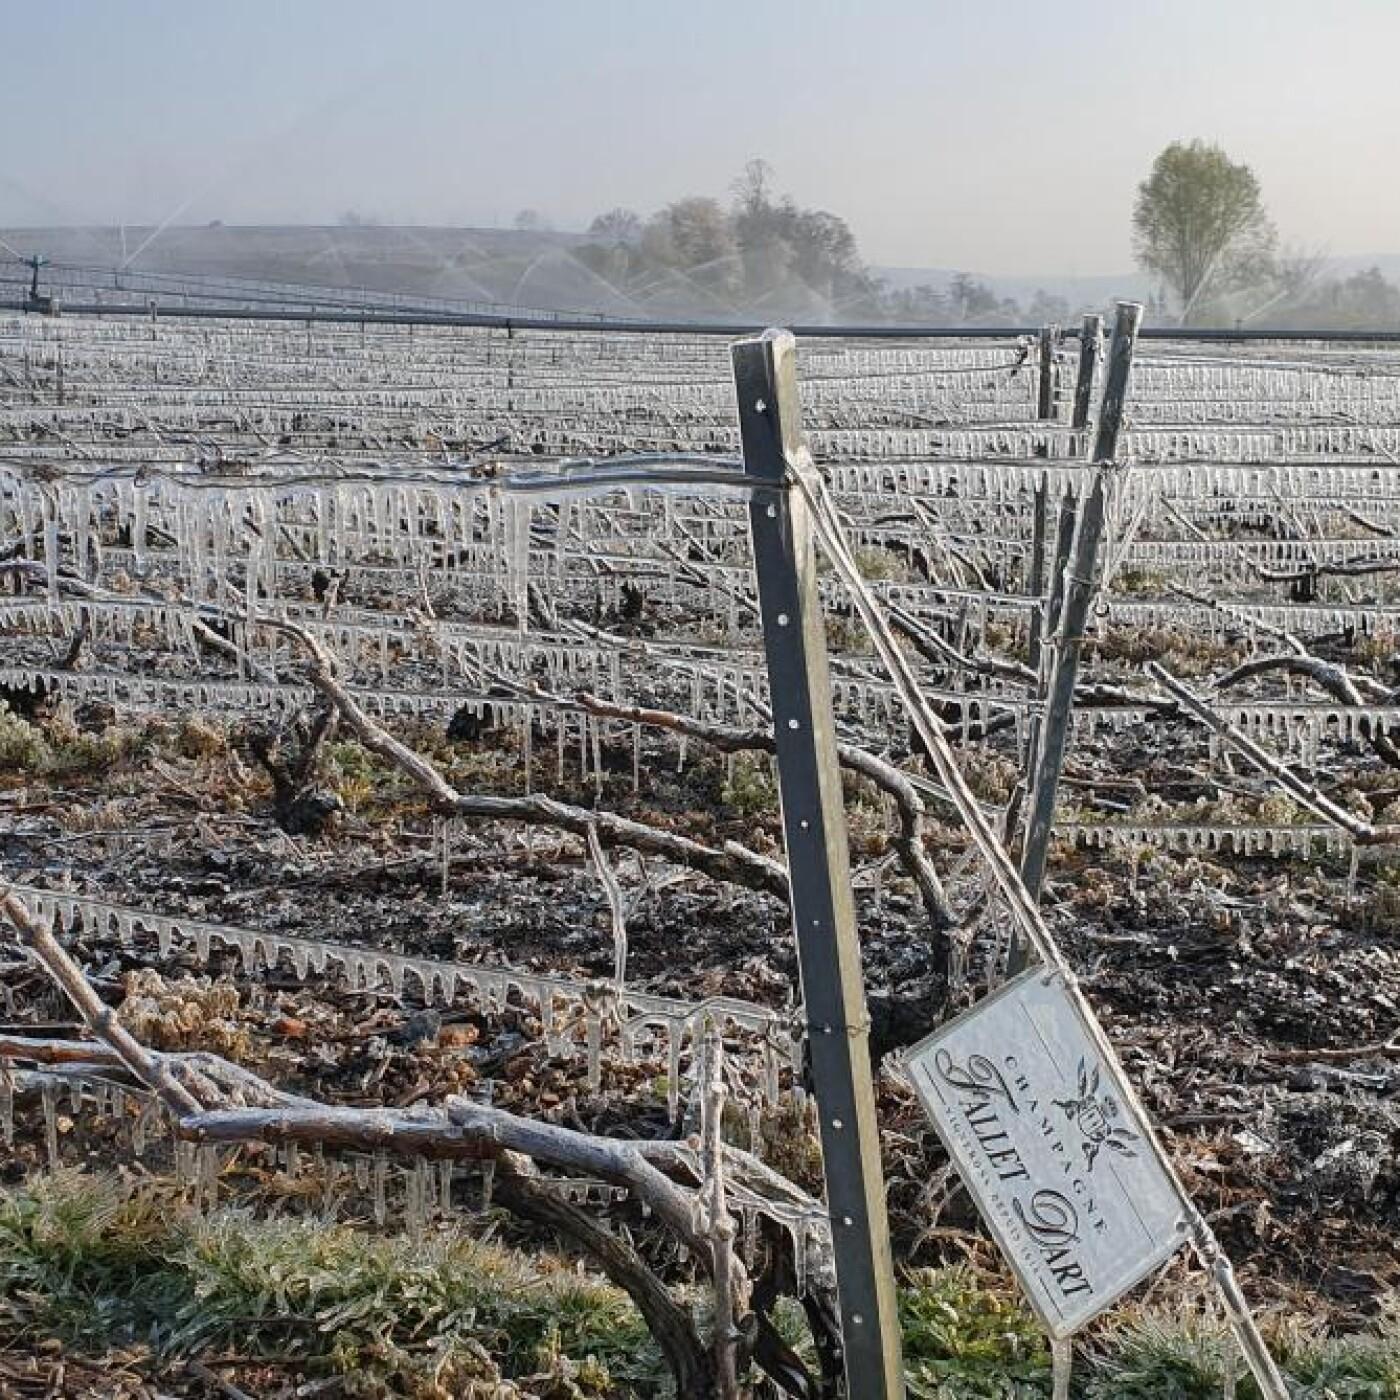 Le Chiffre du jour, 80% des vignobles Français touchés par le gel - 09 04 21 - StereoChic Radio